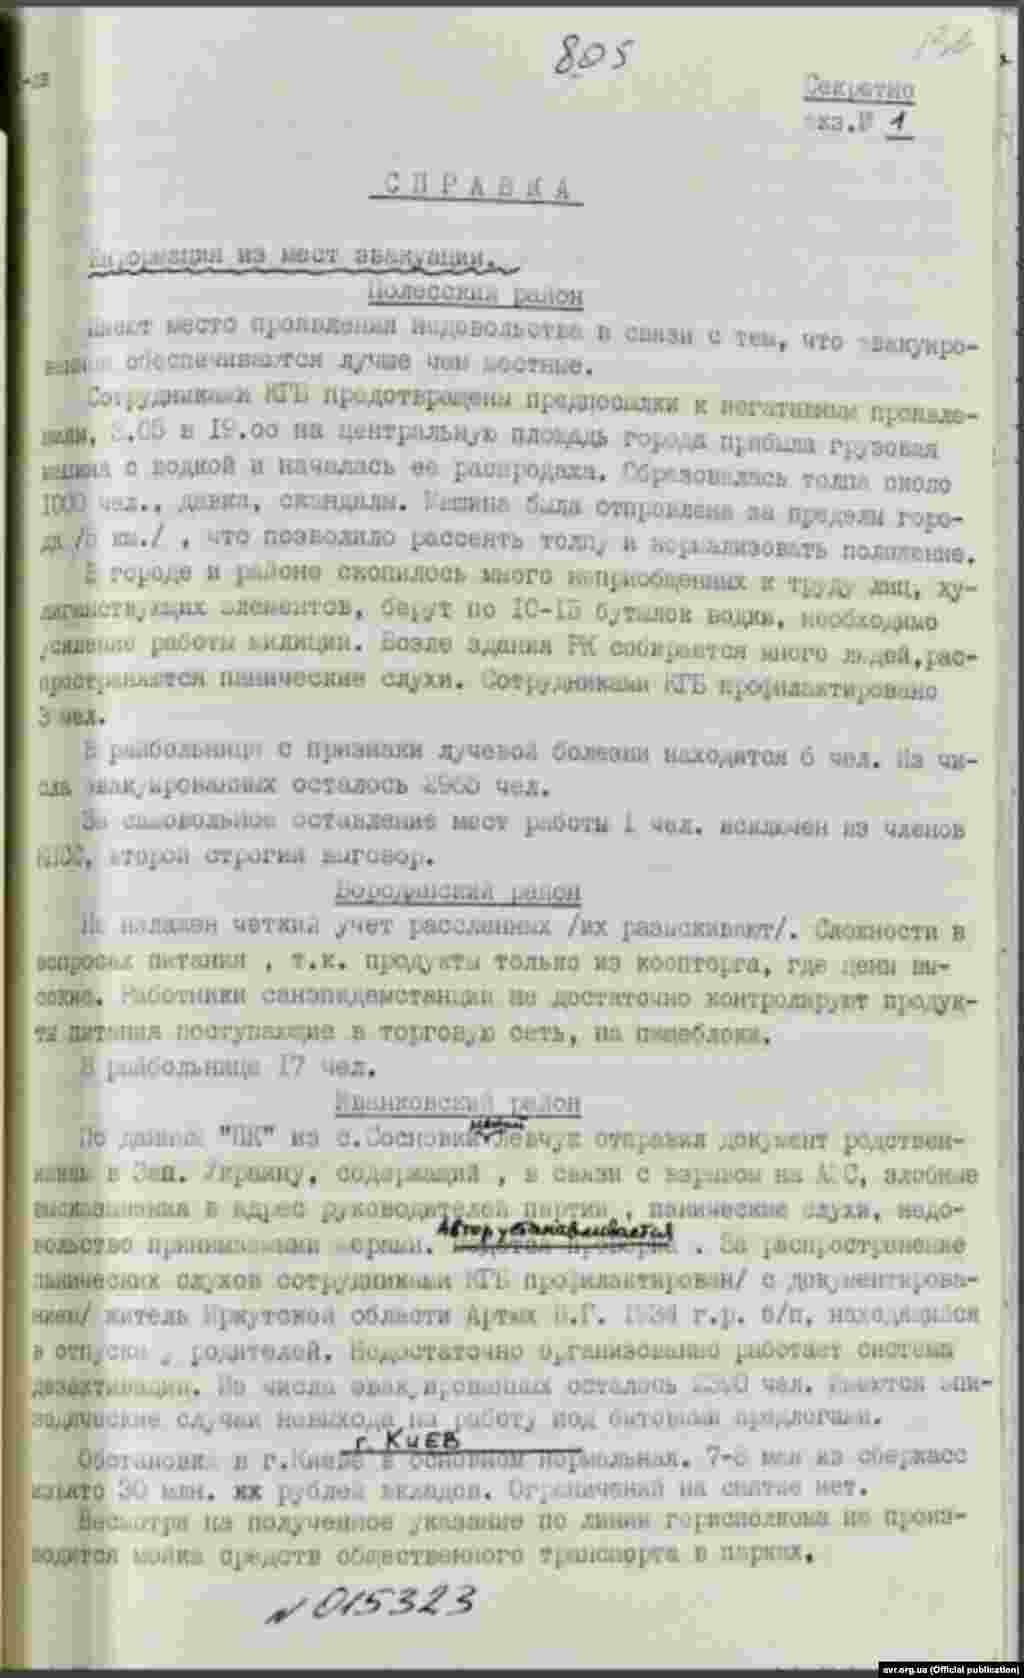 Довідка про евакуацію з зони навколо ЧАЕС та ситуацію у Києві, 8 травня 1986 року